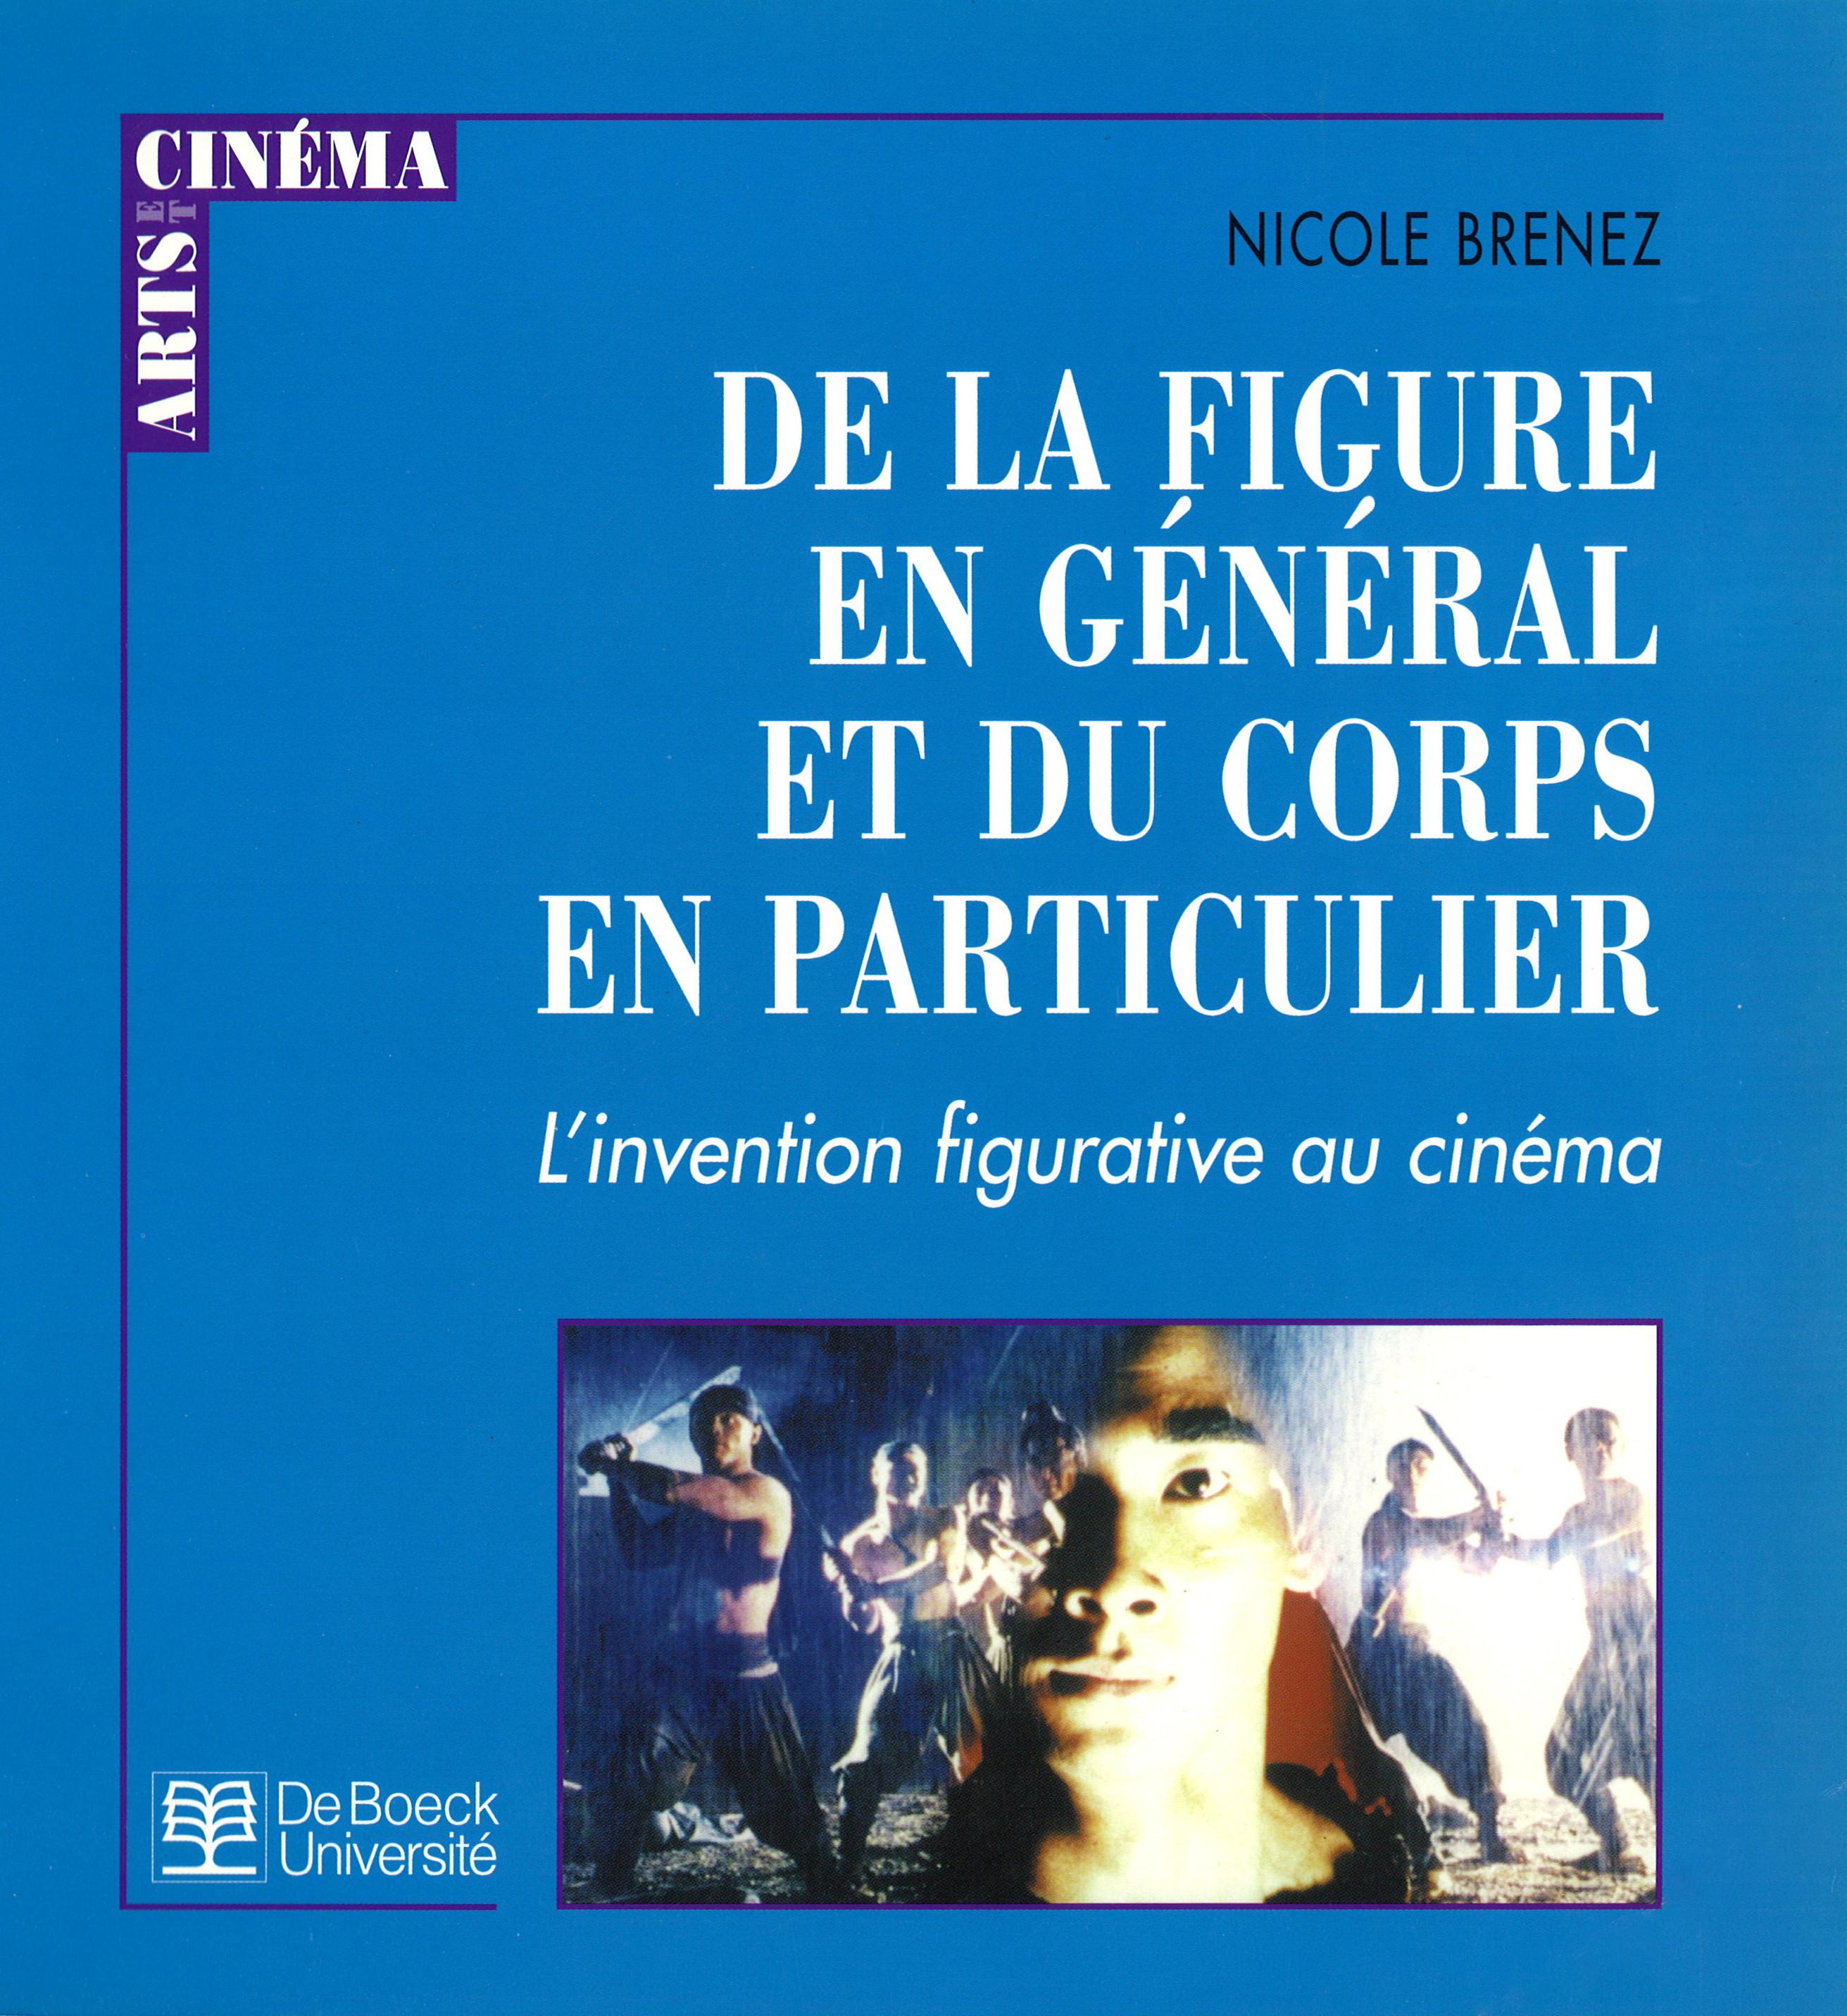 Images des corps Corps des images au cinéma Images sans